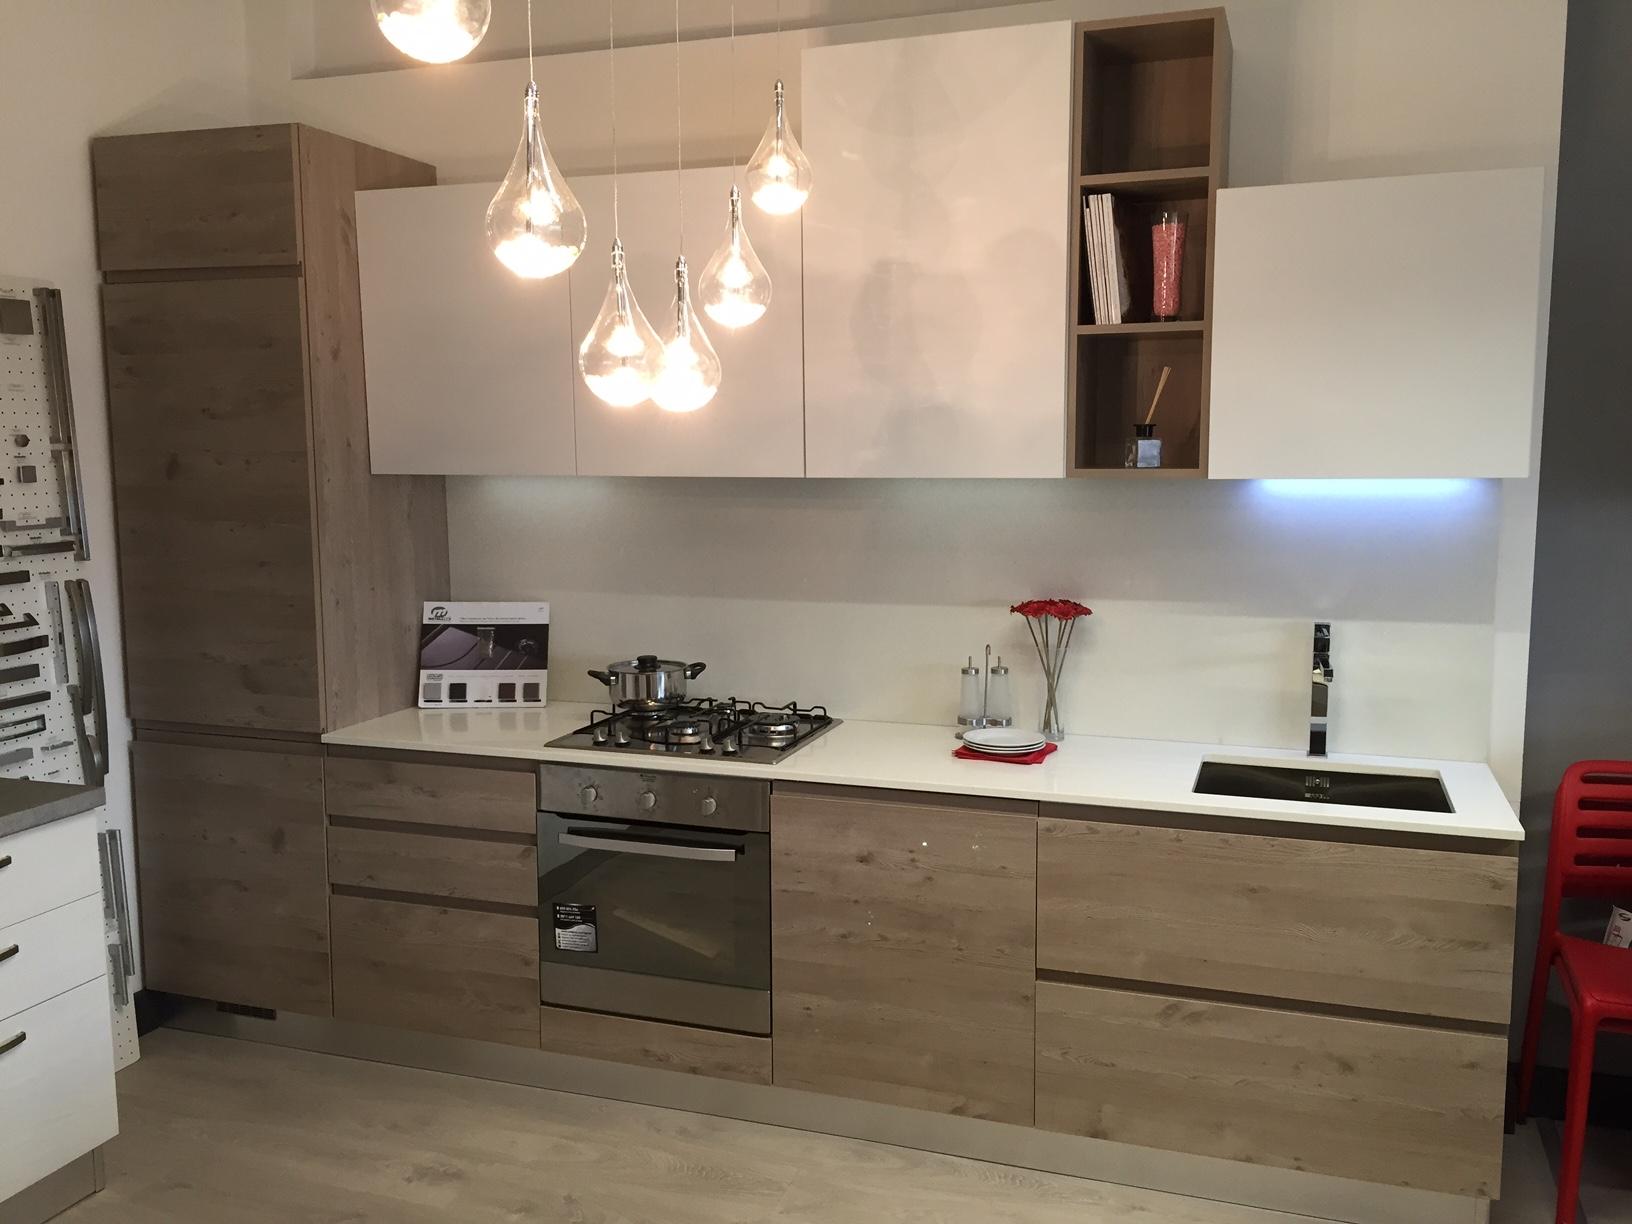 Iguzzini illuminazione fatturato idee di design nella - Illuminazione cucina moderna ...